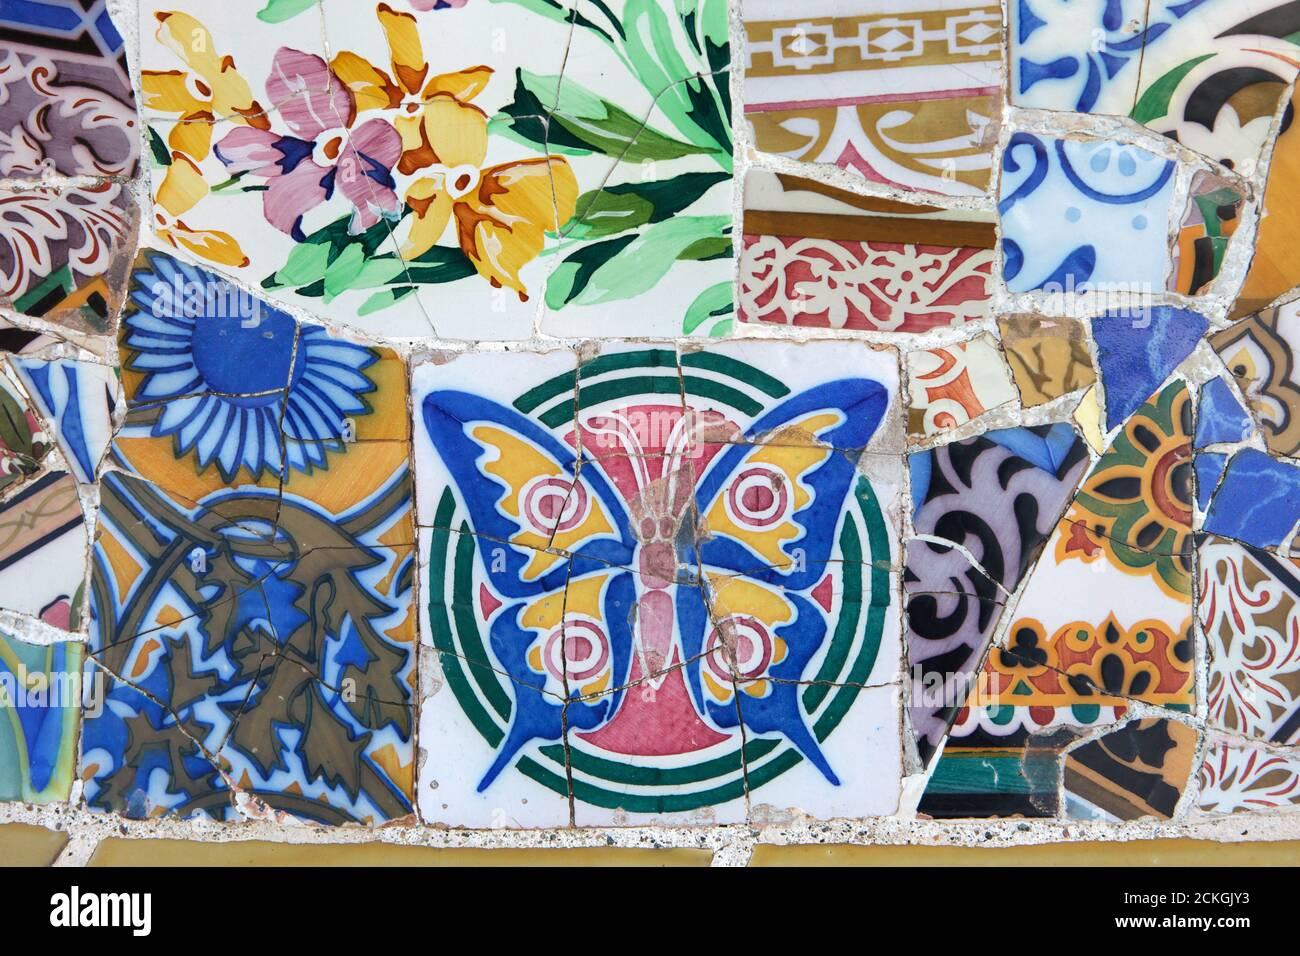 Le travail de mosaïque de Trencadís sur la terrasse du Parc Güell conçu par l'architecte moderniste catalan Antoni Gaudí et construit entre 1900 et 1914 à Barcelone, Catalogne, Espagne. Banque D'Images